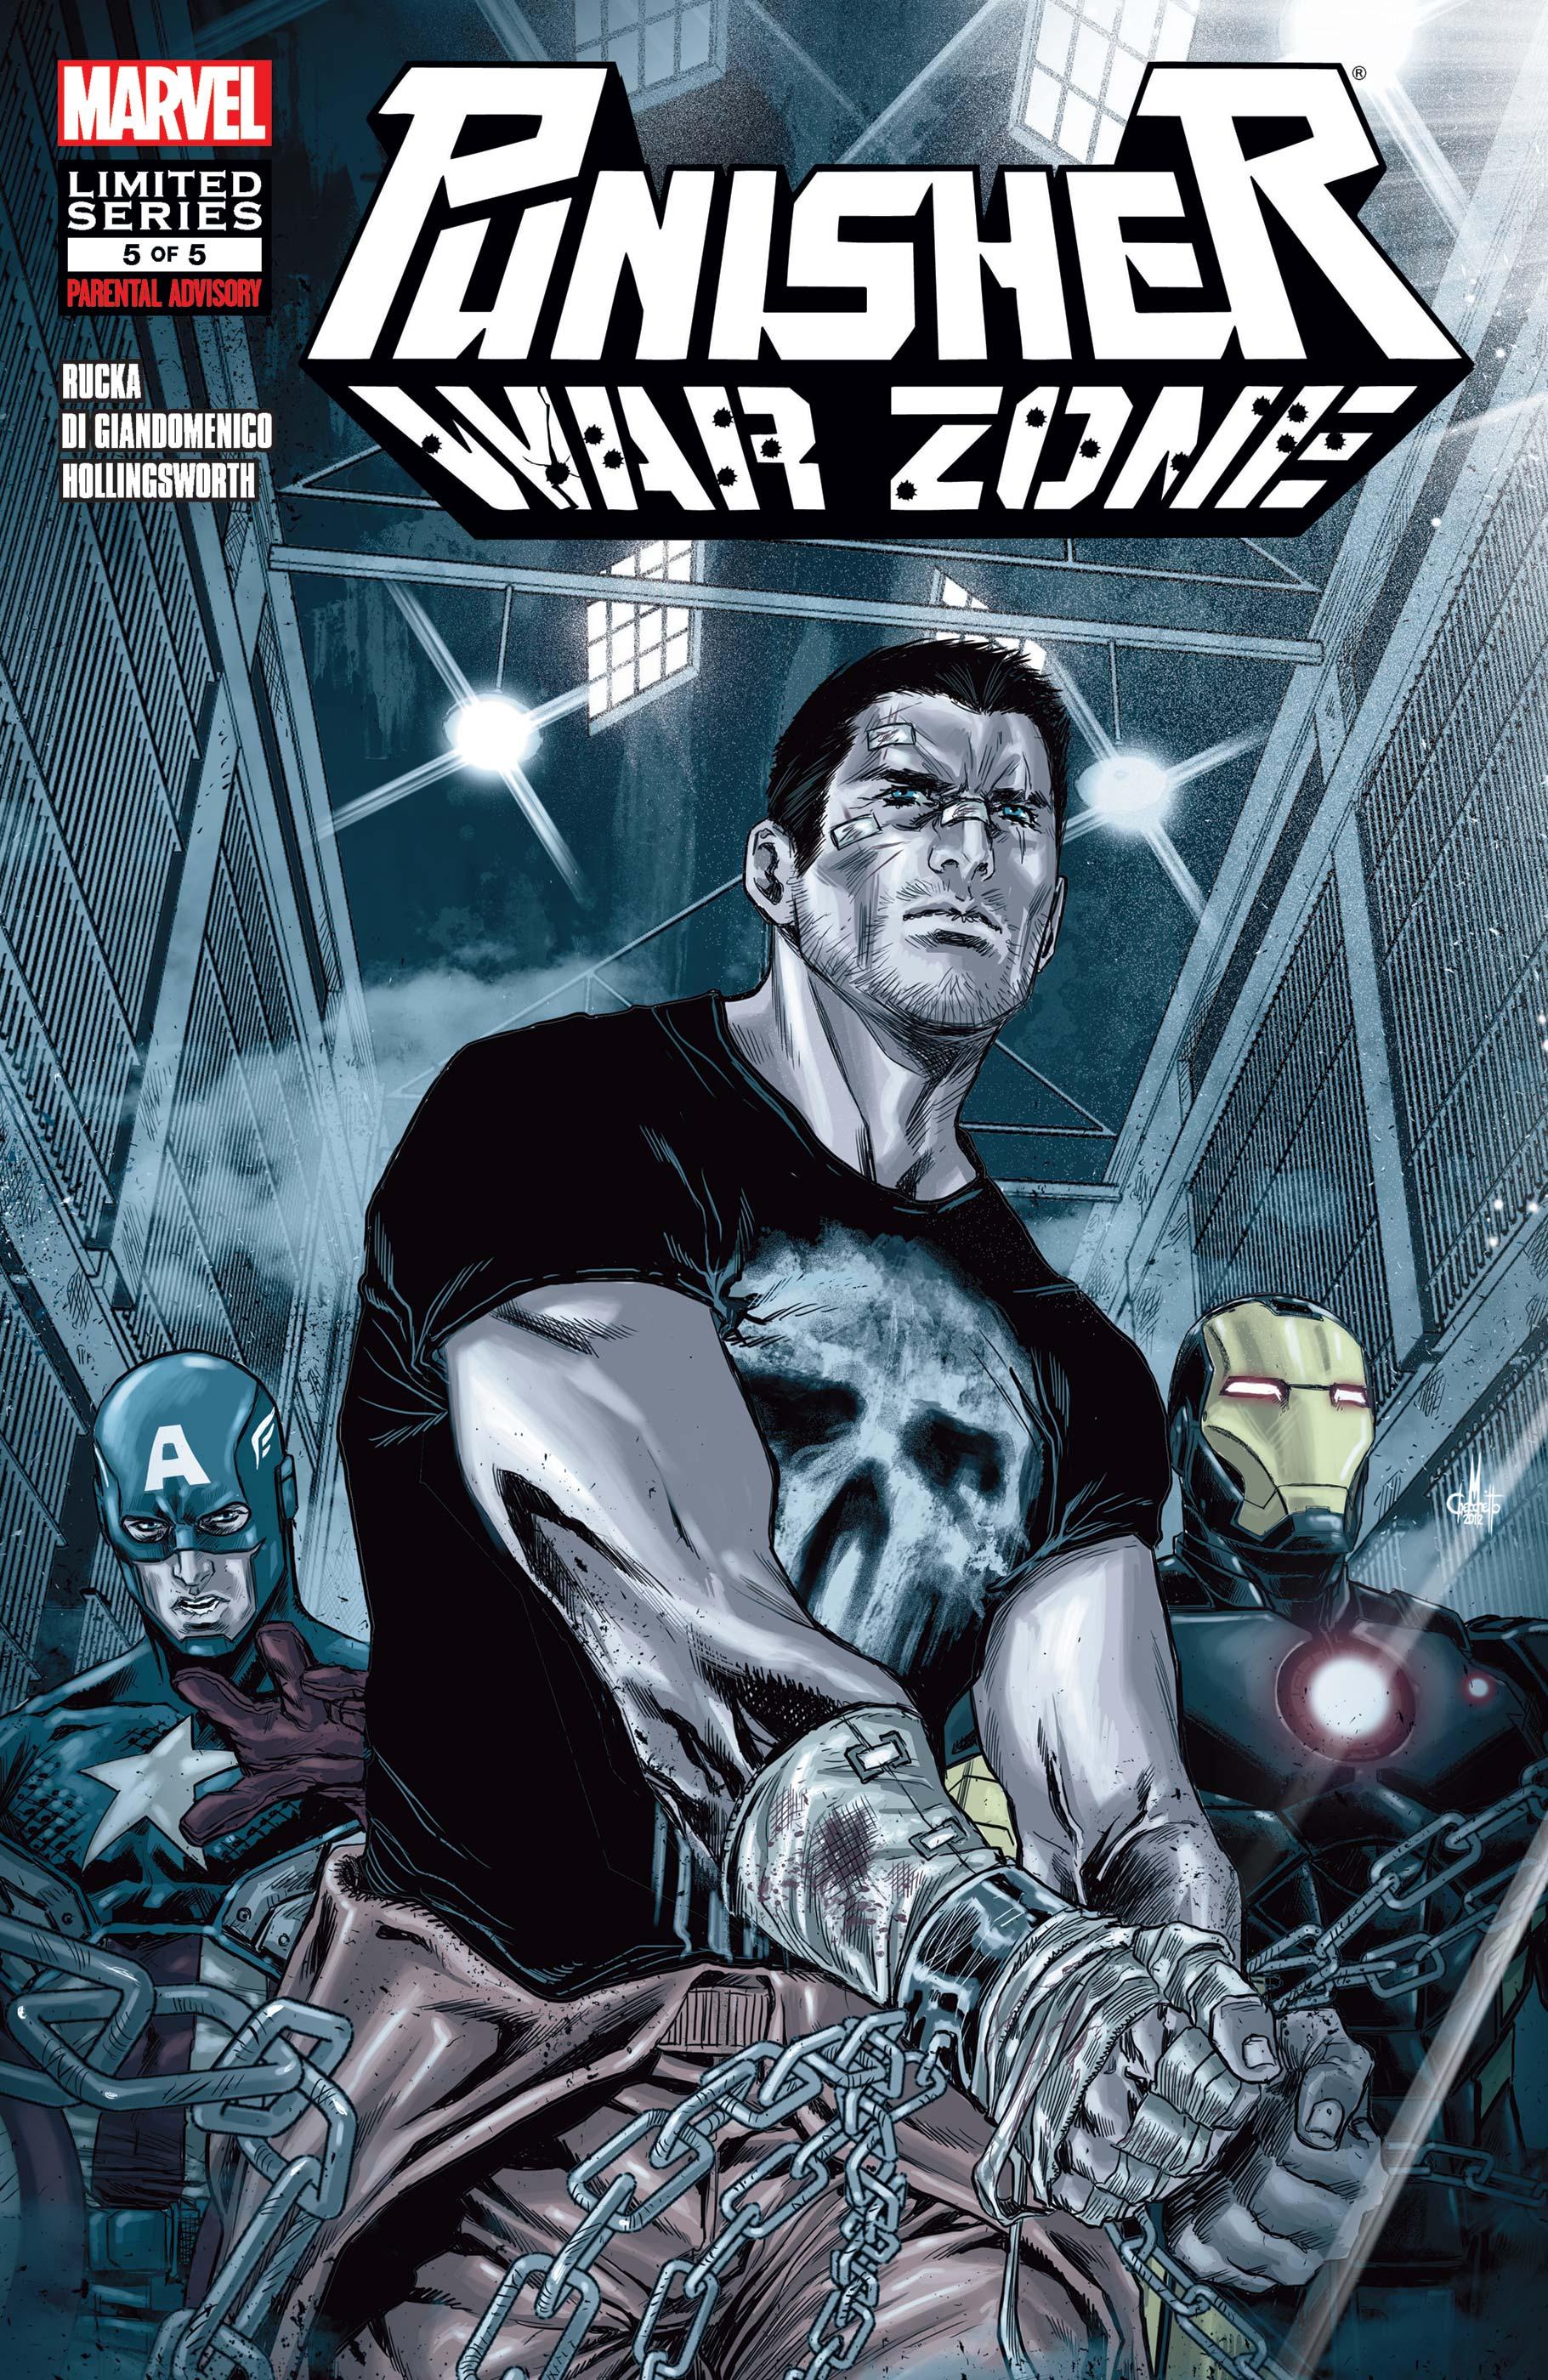 Punisher: War Zone (2012) #5